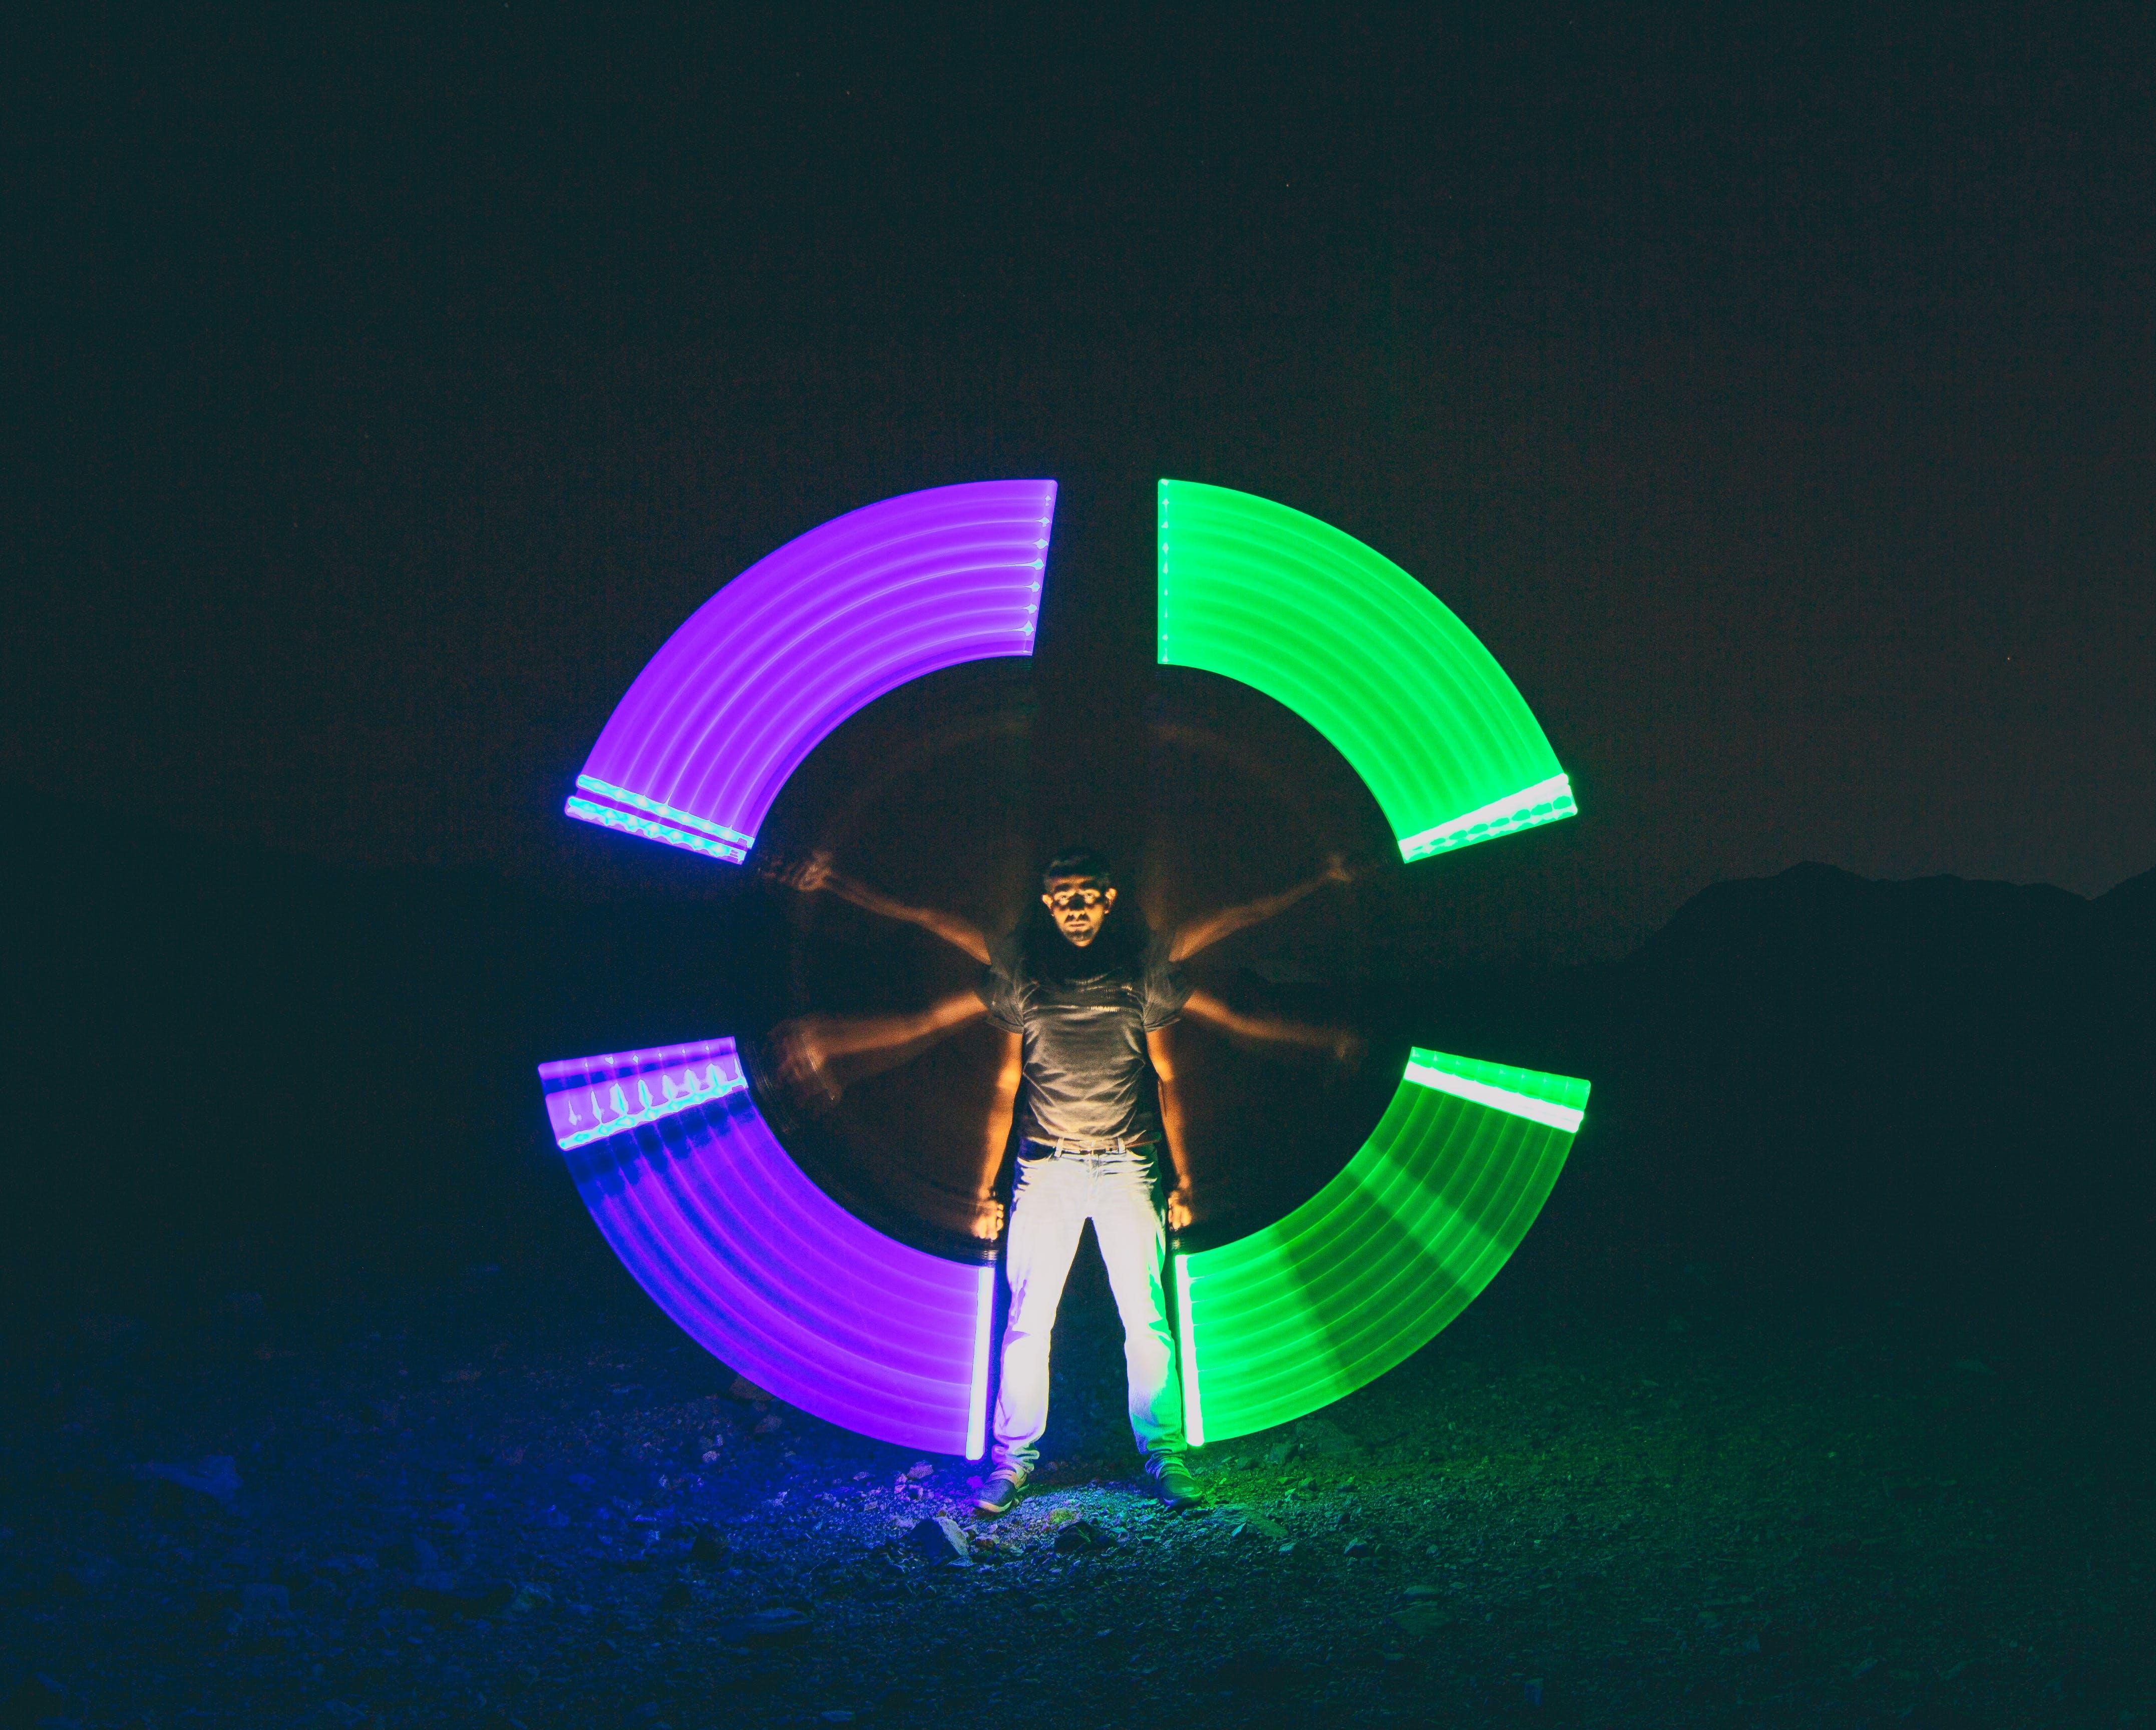 Kostenloses Stock Foto zu mann, beleuchtung, dunkel, lila